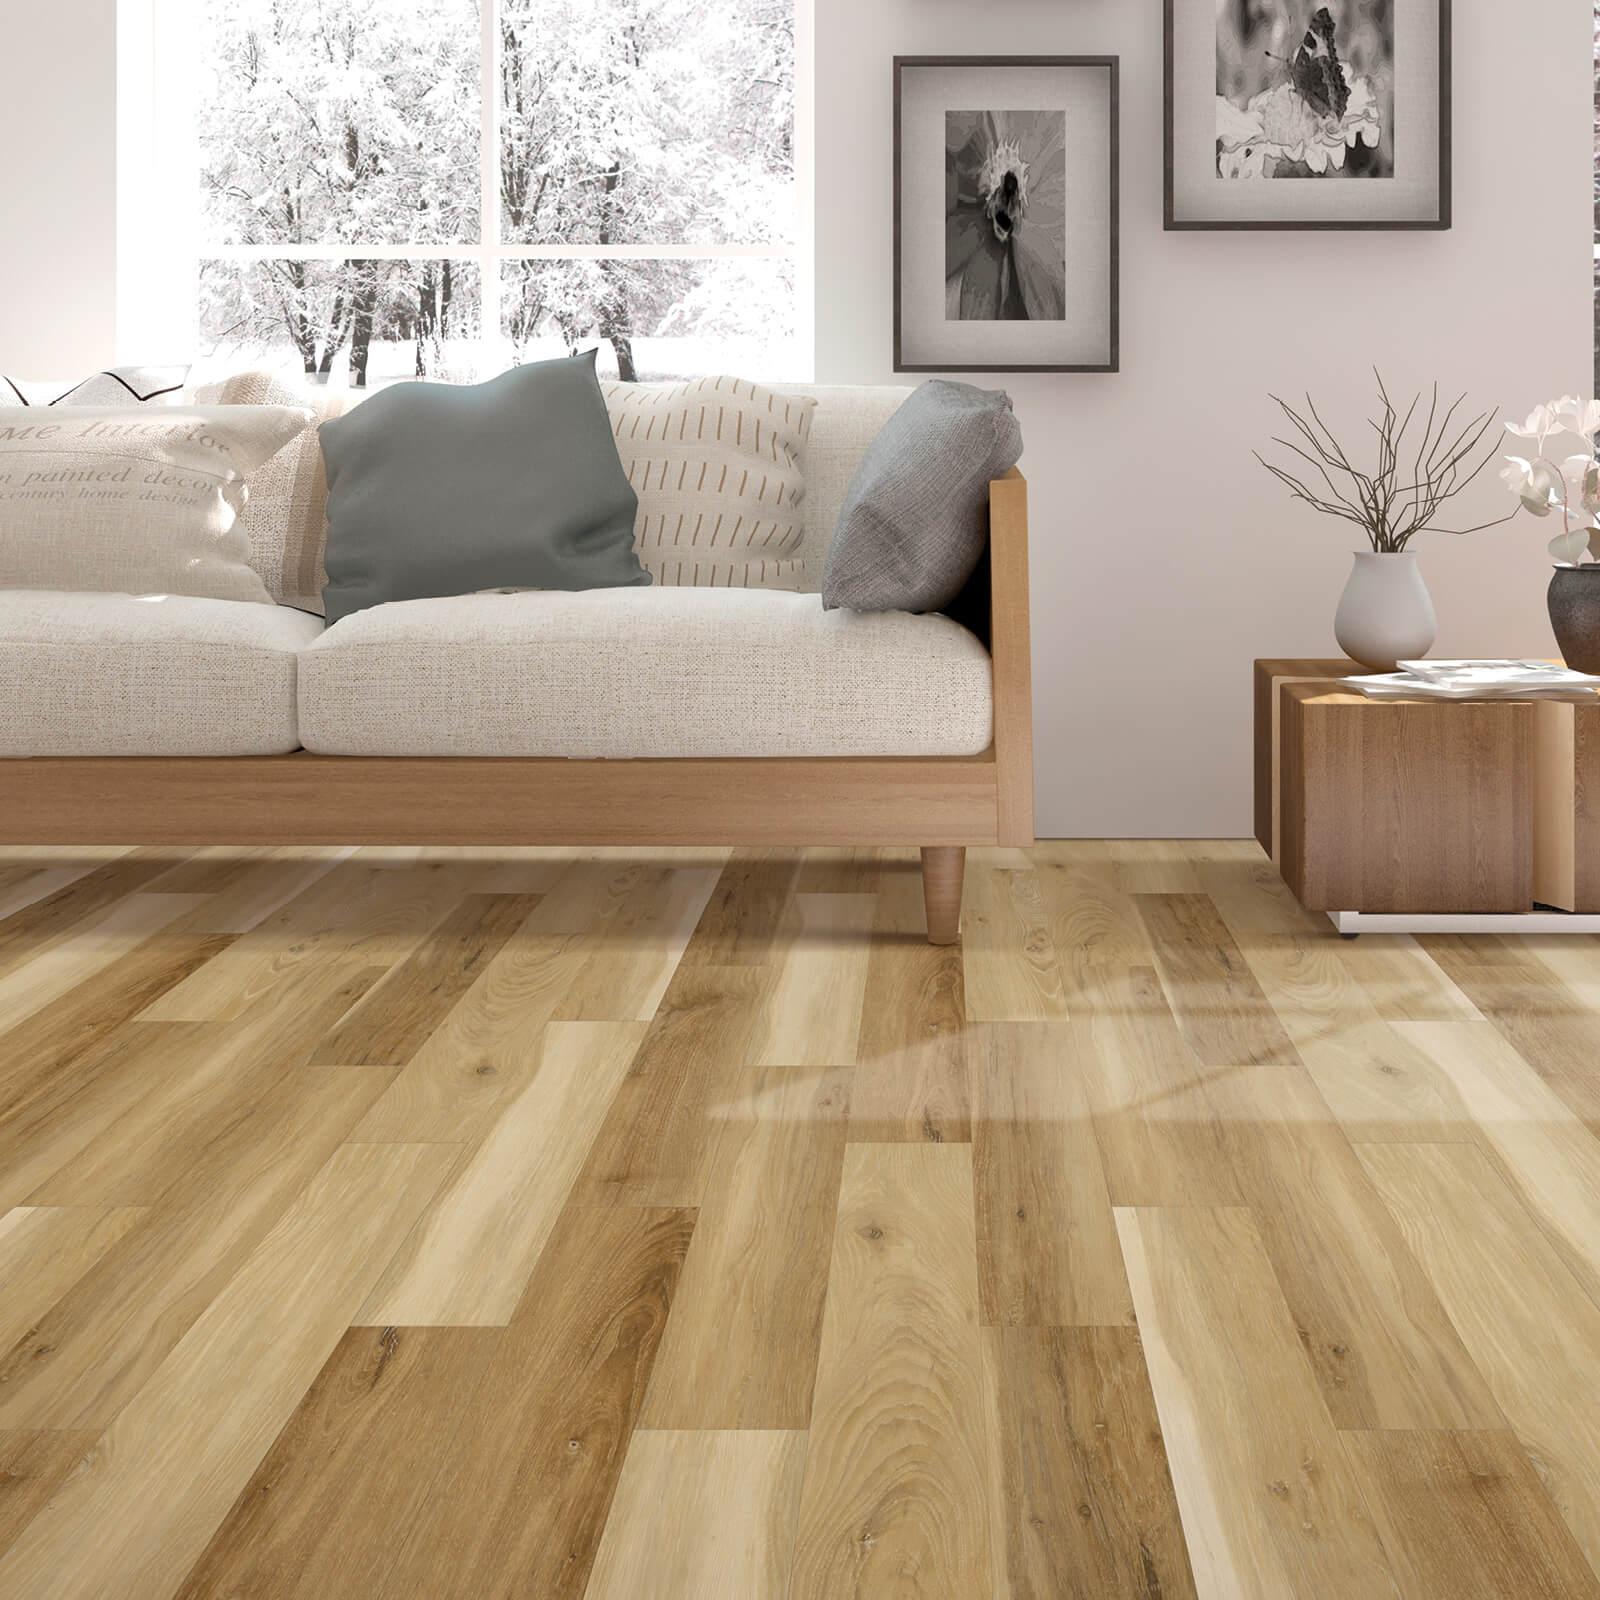 Laminate flooring   Elite Builder Services